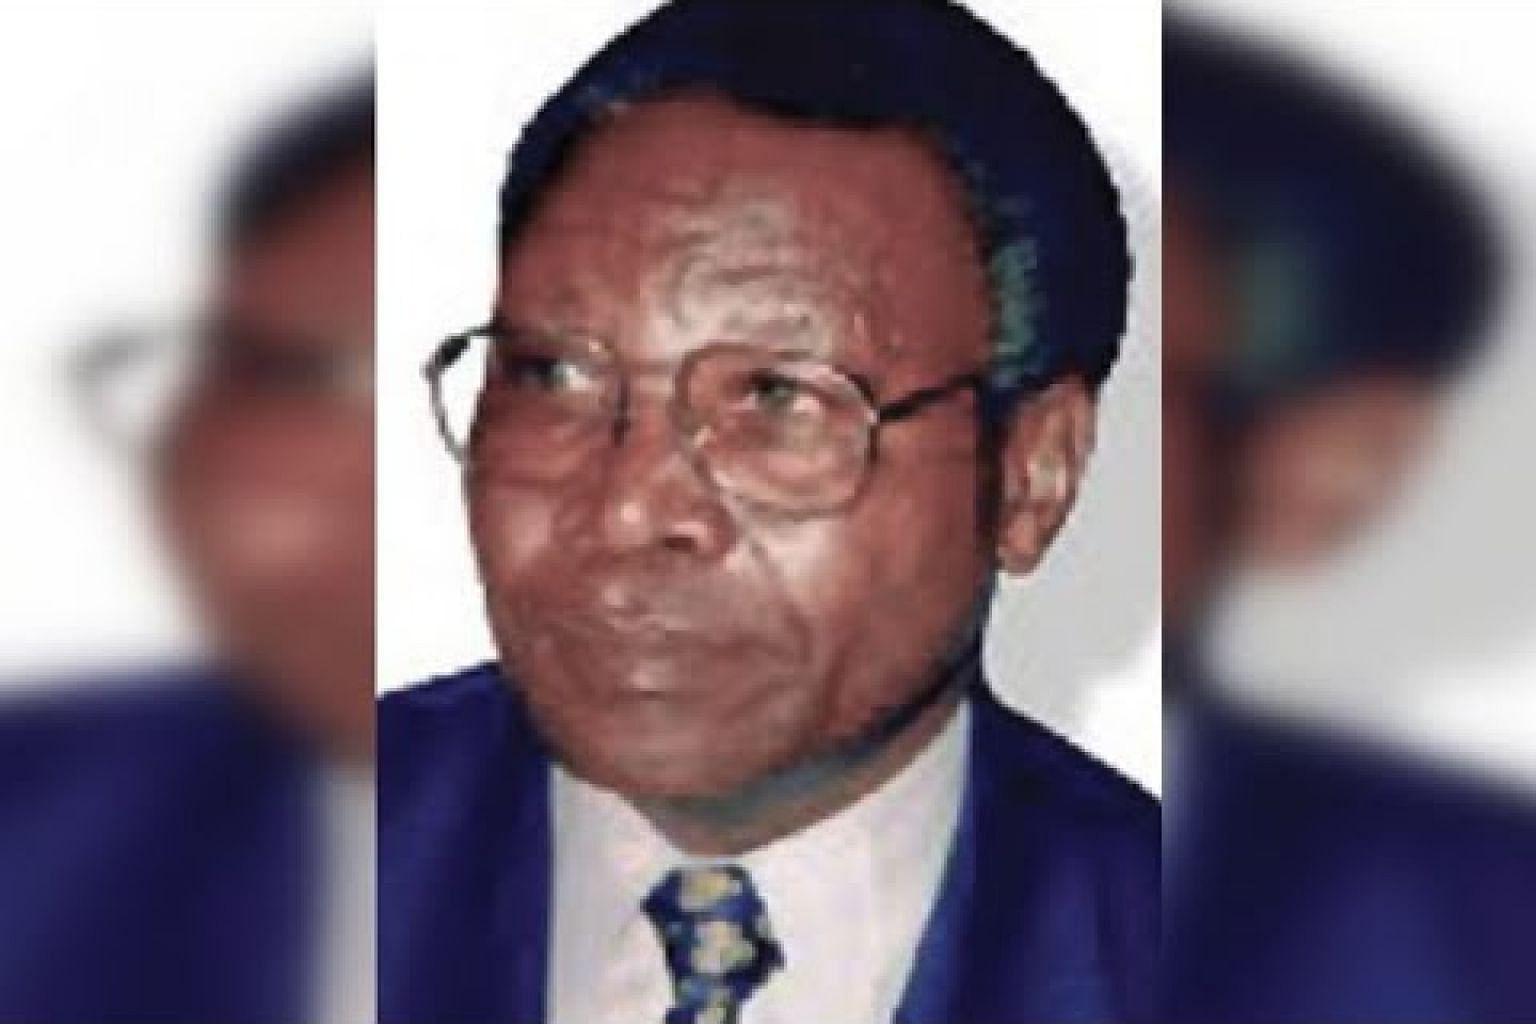 Rwanda genocide suspect Felicien Kabuga arrested in France